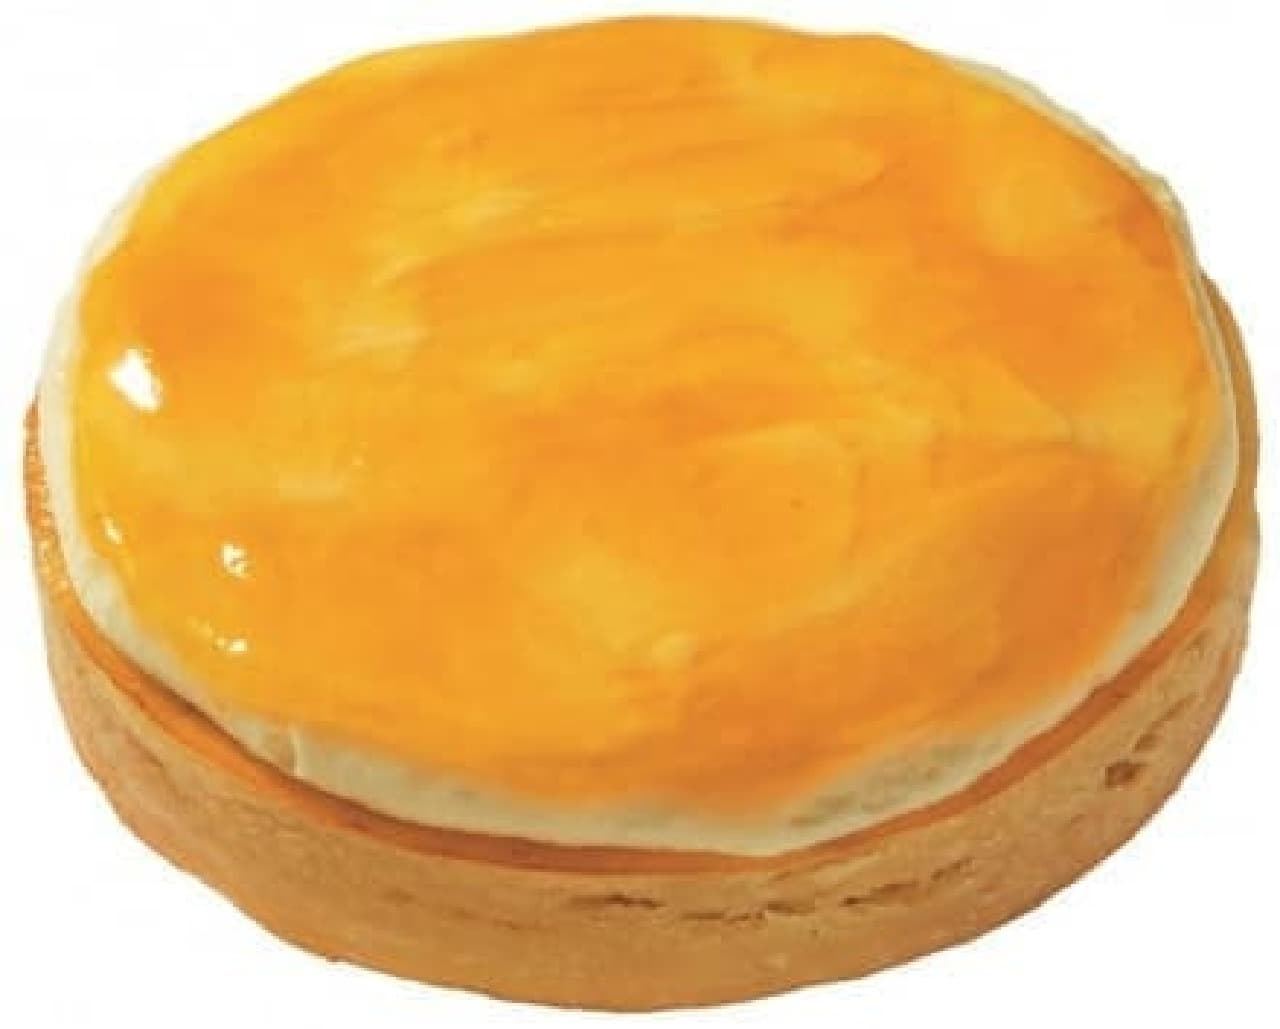 ミスタードーナツ×パブロ「チーズタルド アプリコット」